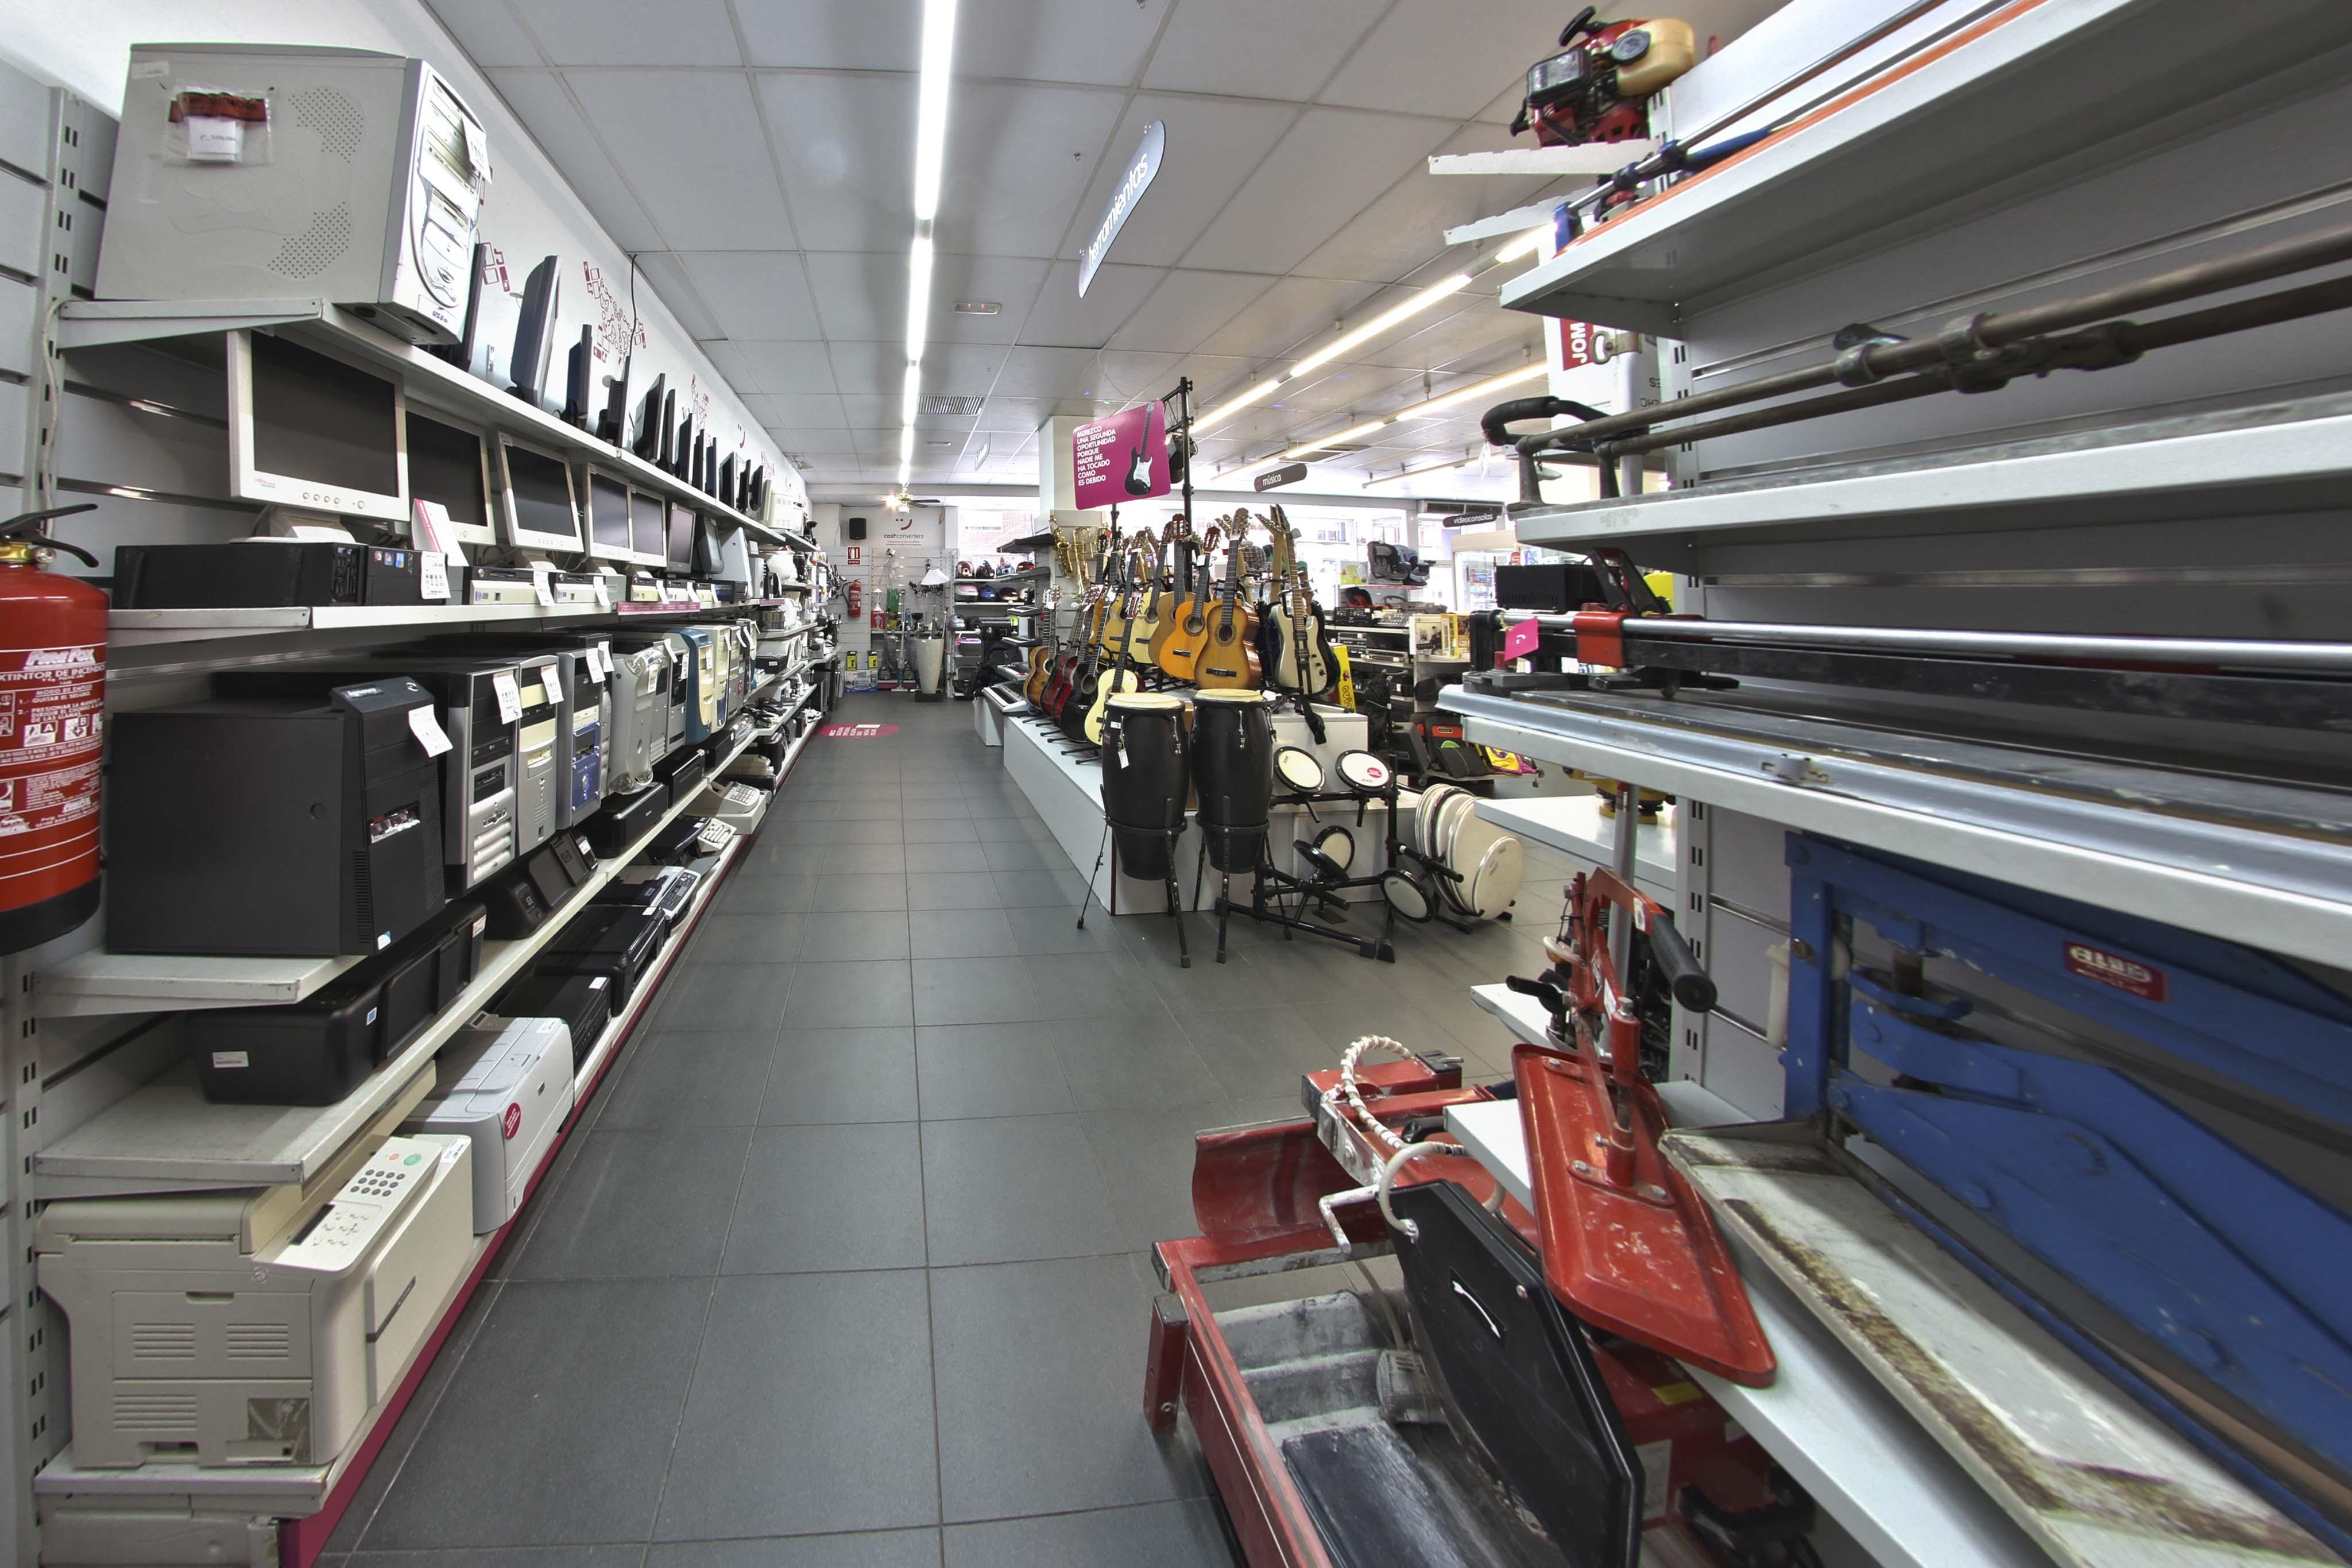 Cash Converters Murcia, Avda. Floridablanca, 77. Compra venta de segunda mano